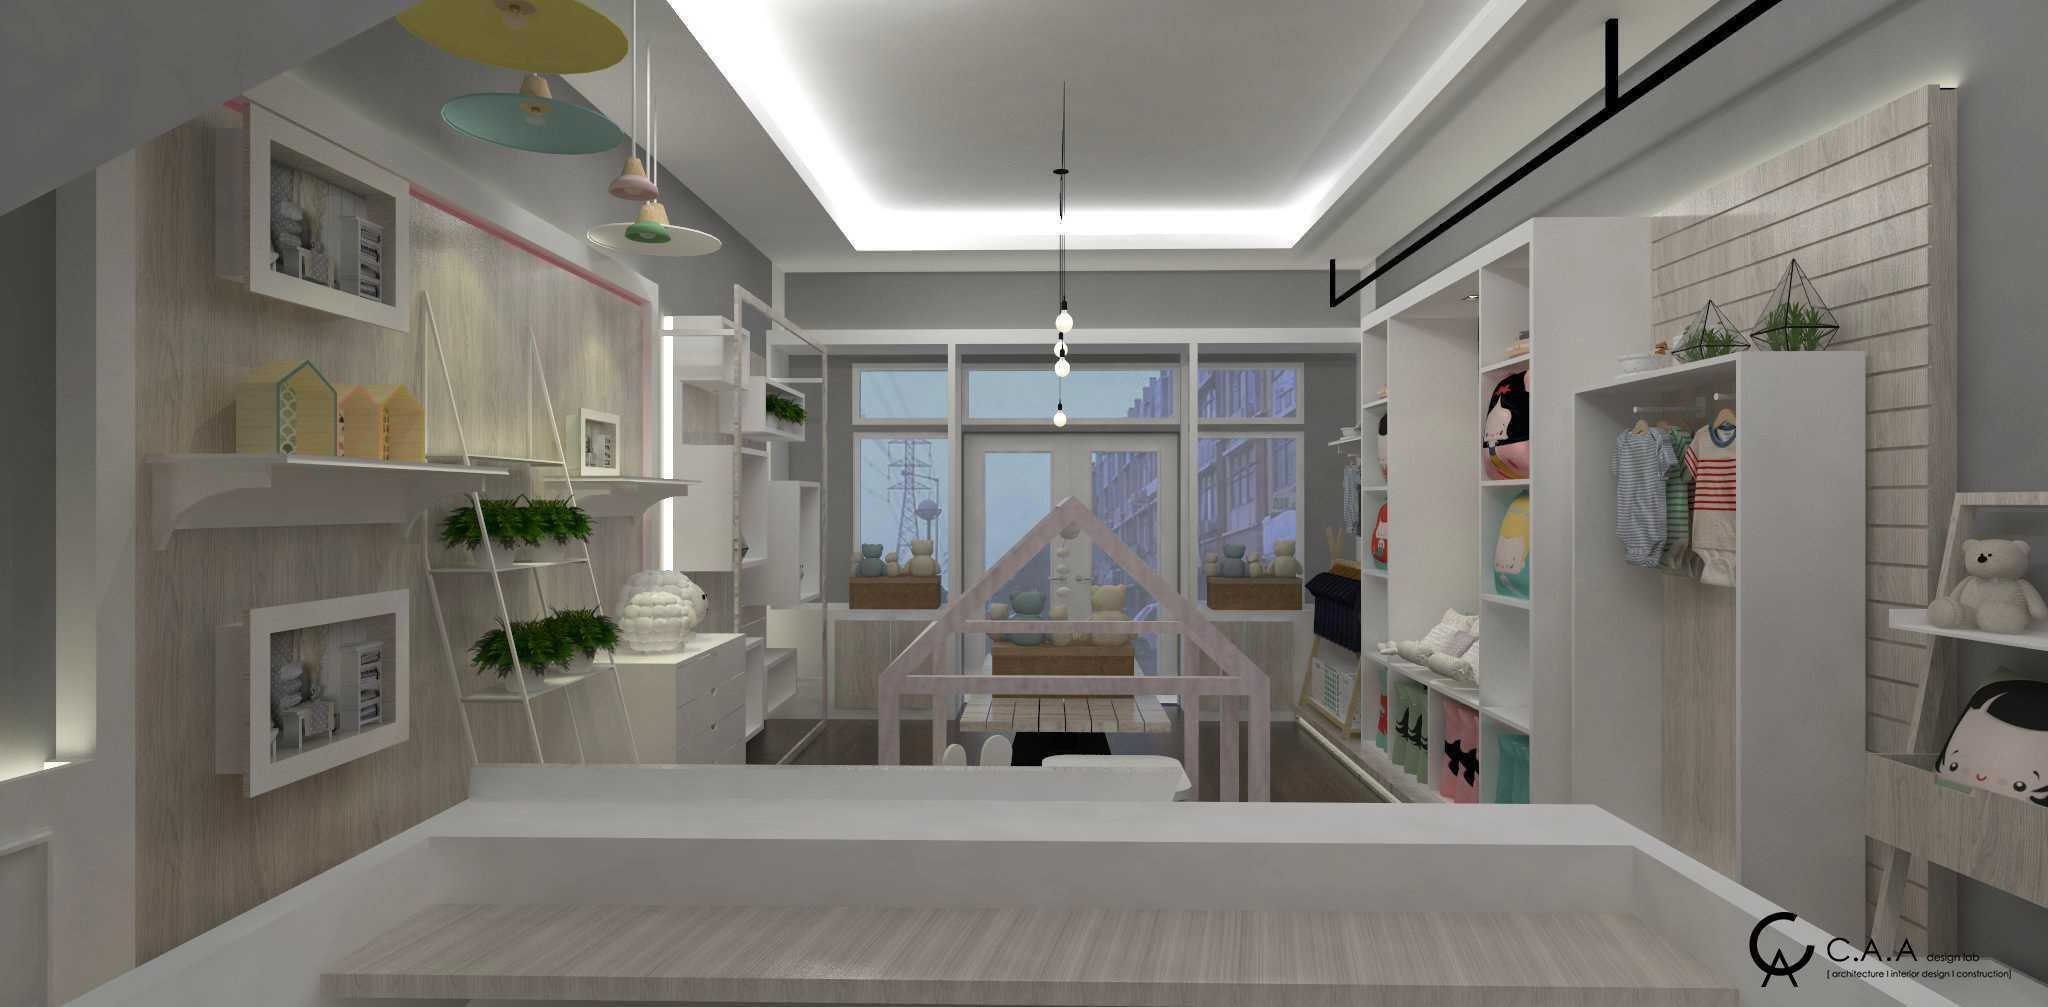 Ada Design Studio Fantasia Baby Shop Cbd Gading Serpong, Ruko 7Cs, Df1/3, Curug Sangereng, Klp. Dua, Tangerang, Banten 15810, Indonesia Cbd Gading Serpong, Ruko 7Cs, Df1/3, Curug Sangereng, Klp. Dua, Tangerang, Banten 15810, Indonesia Ada-Design-Lab-Fantasia-Baby-Shop  67455